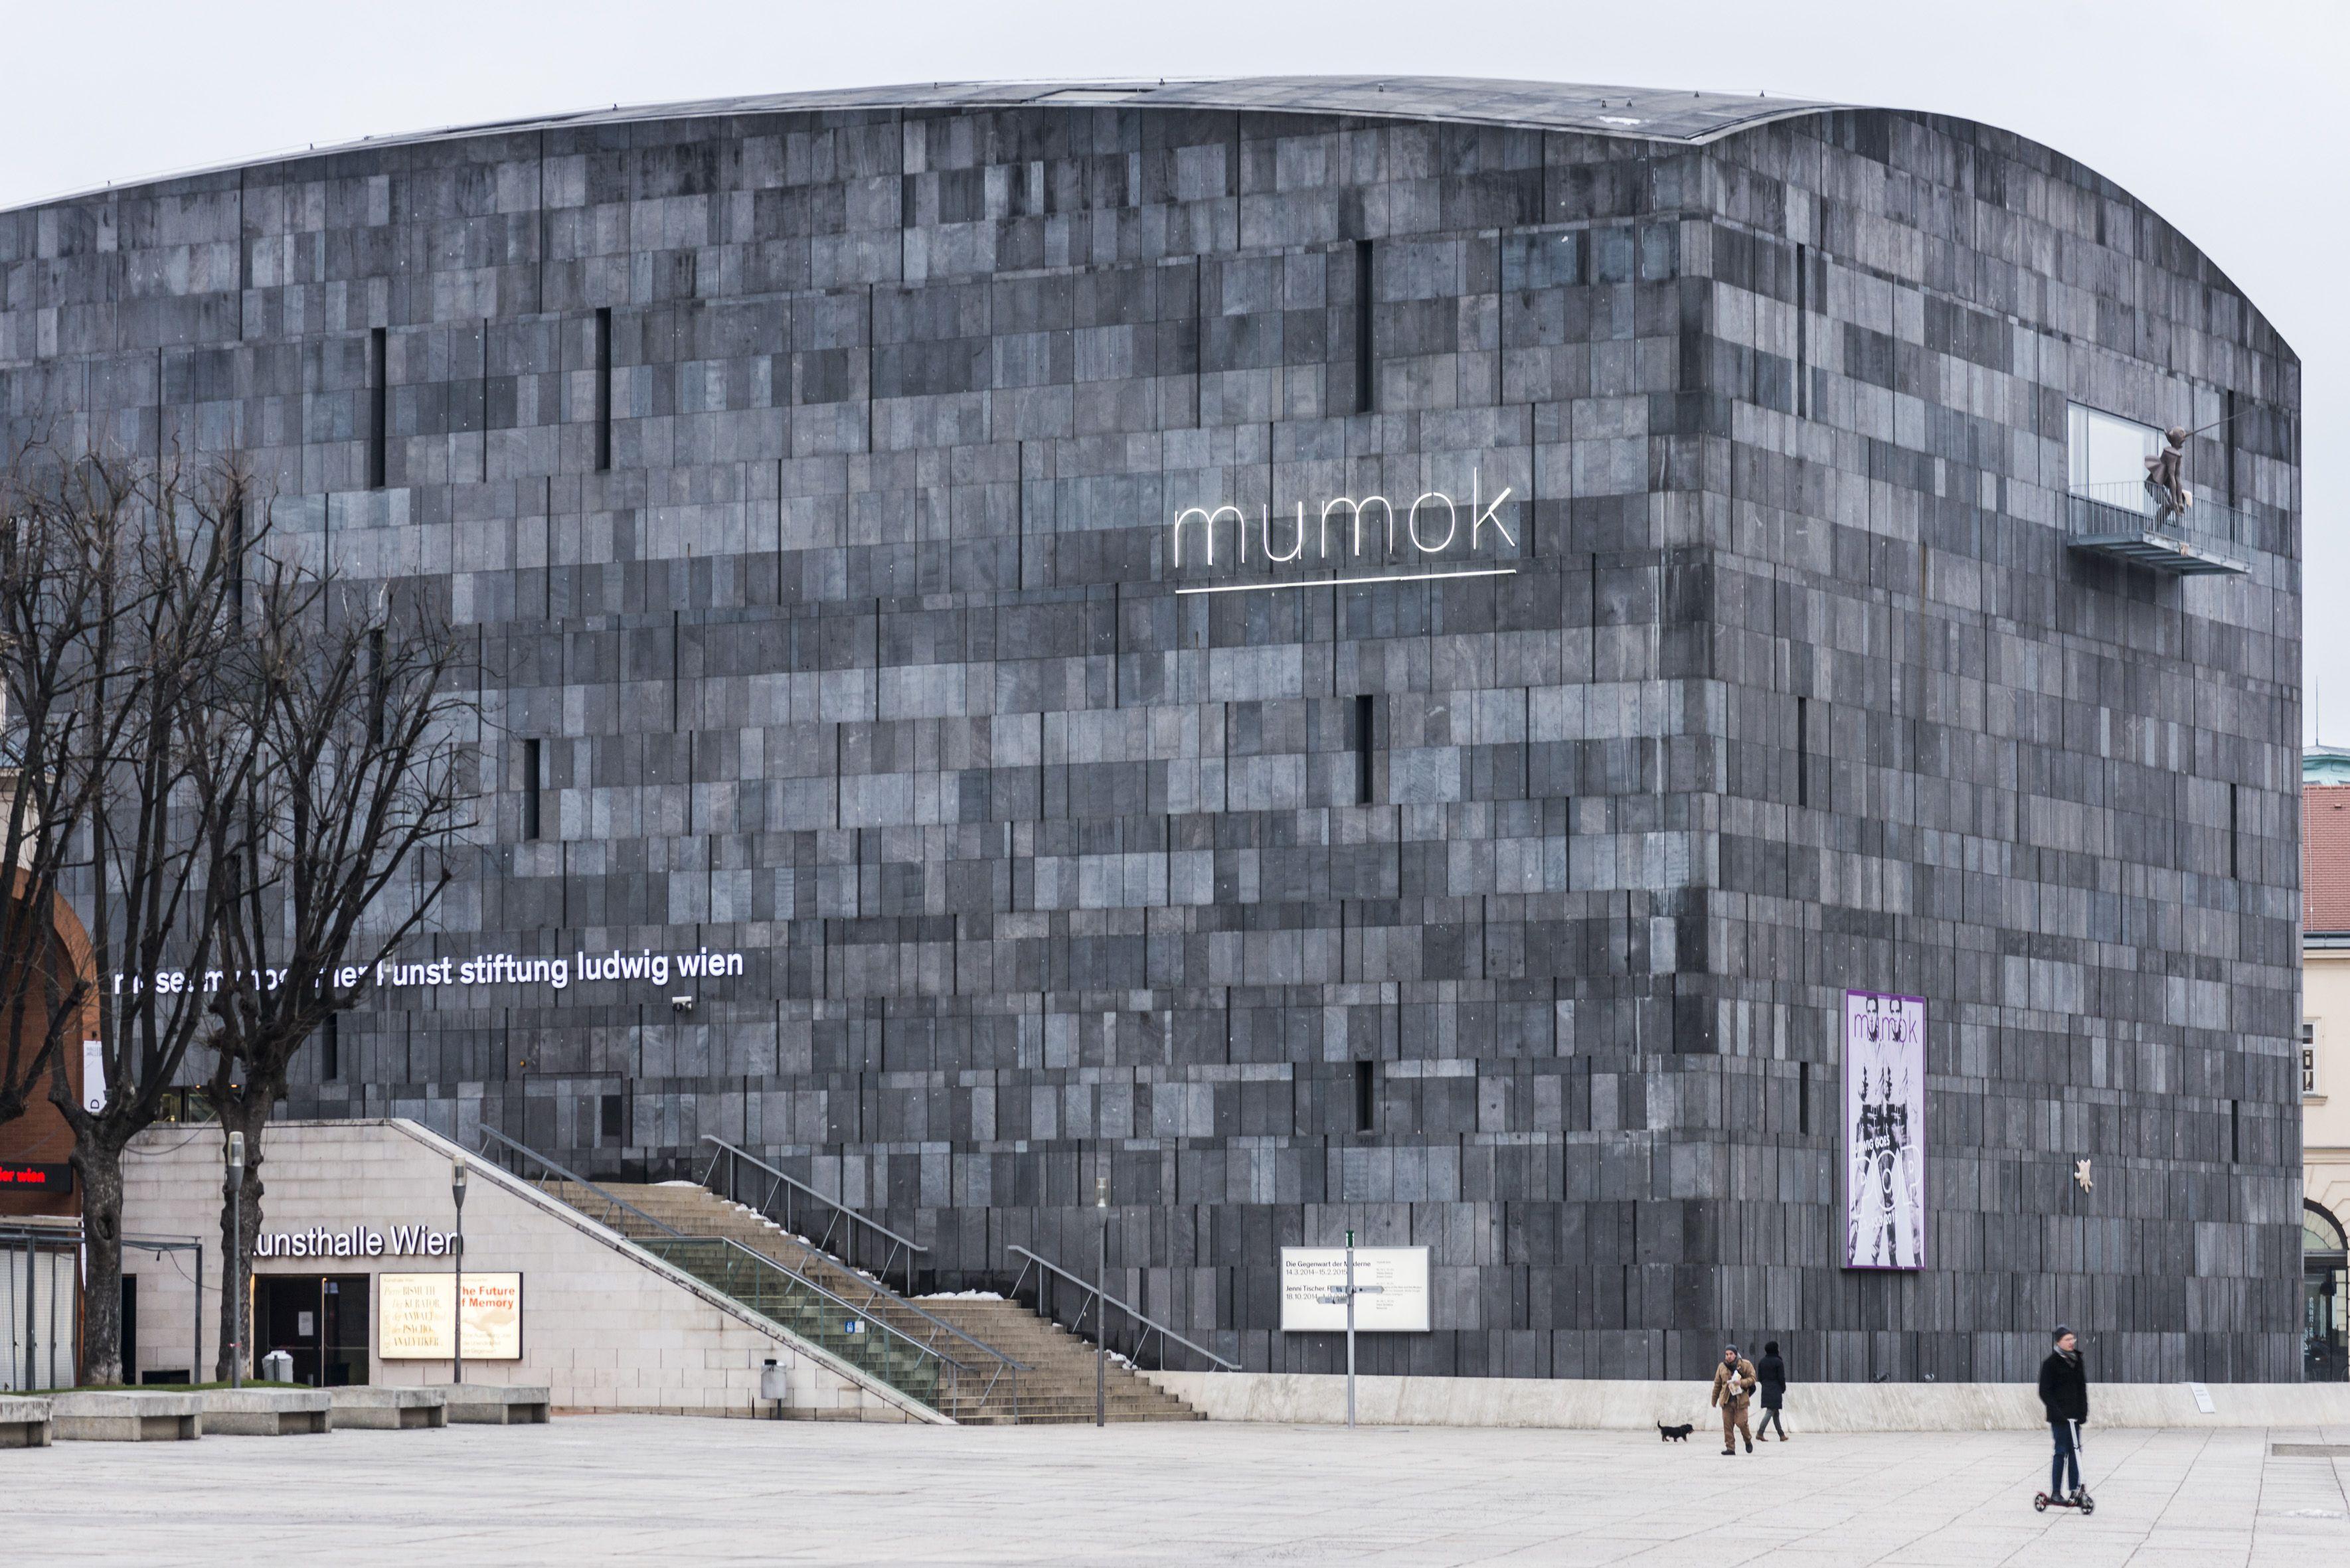 Vienna Austria Mumok Museum Of Modern Art In